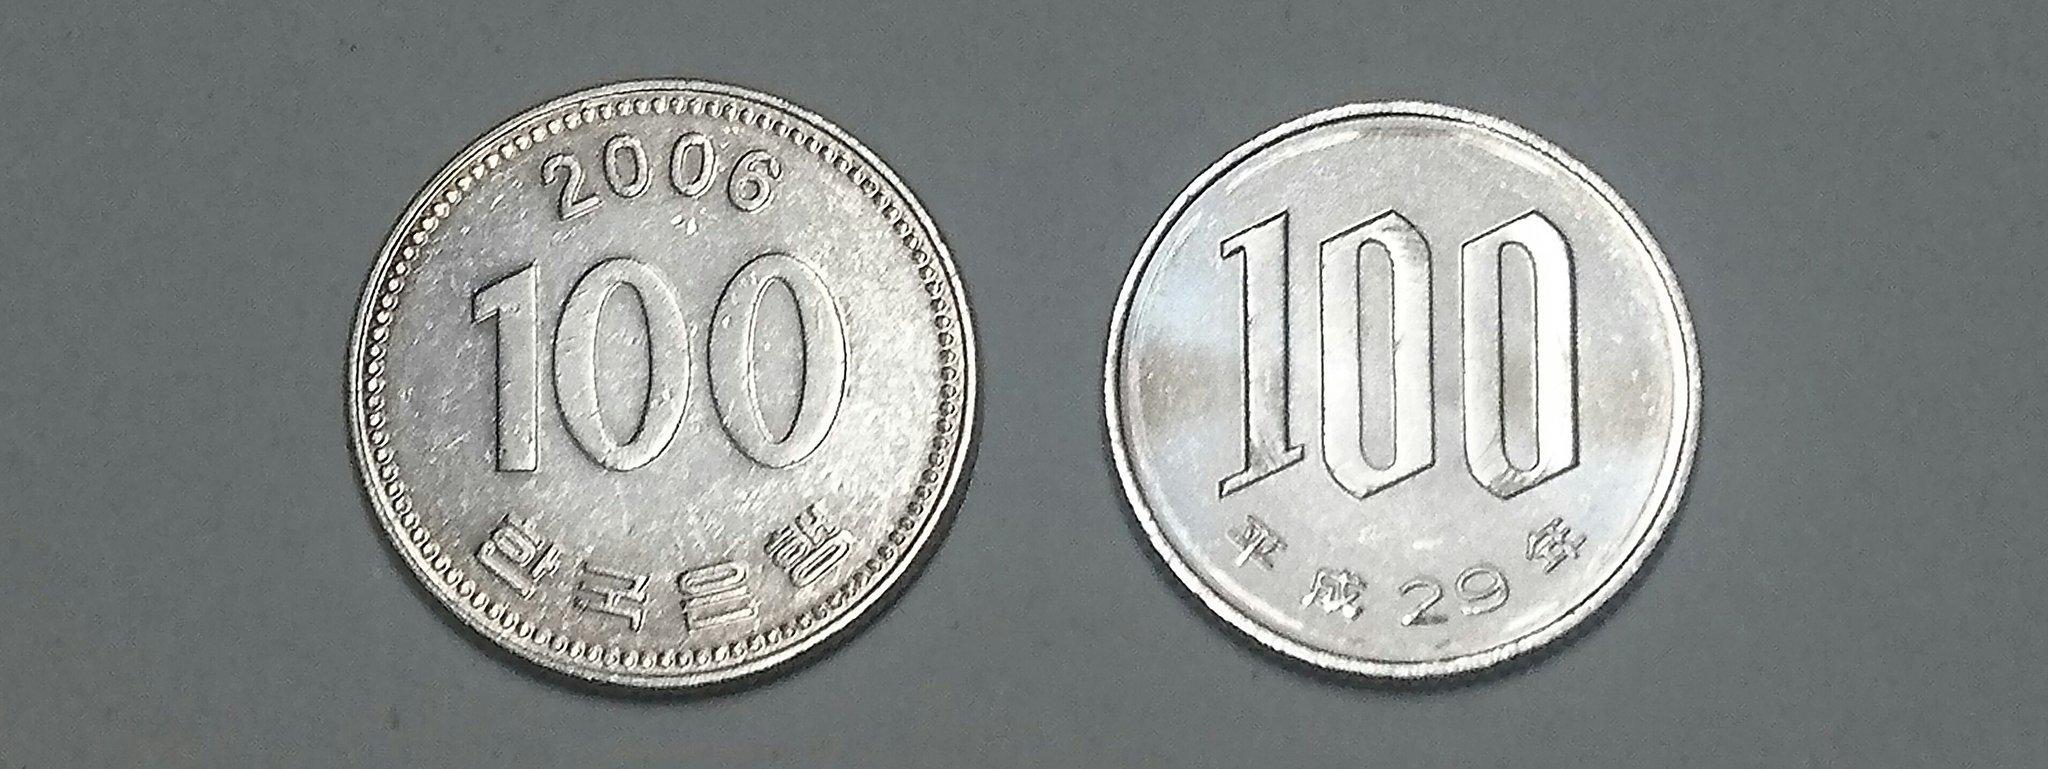 コミケ・サークル参加の皆様へ 会計時に韓国ウォンを故意に混ぜて支払う方がいた場合、たくさんの100円の中に混ぜられ渡されると一瞬では分かりません 昔たくさんやられたから悔しく悔しくて・・・硬貨で頂く際は、慌てずに相互確認を忘れずに #コミケ96  #c96